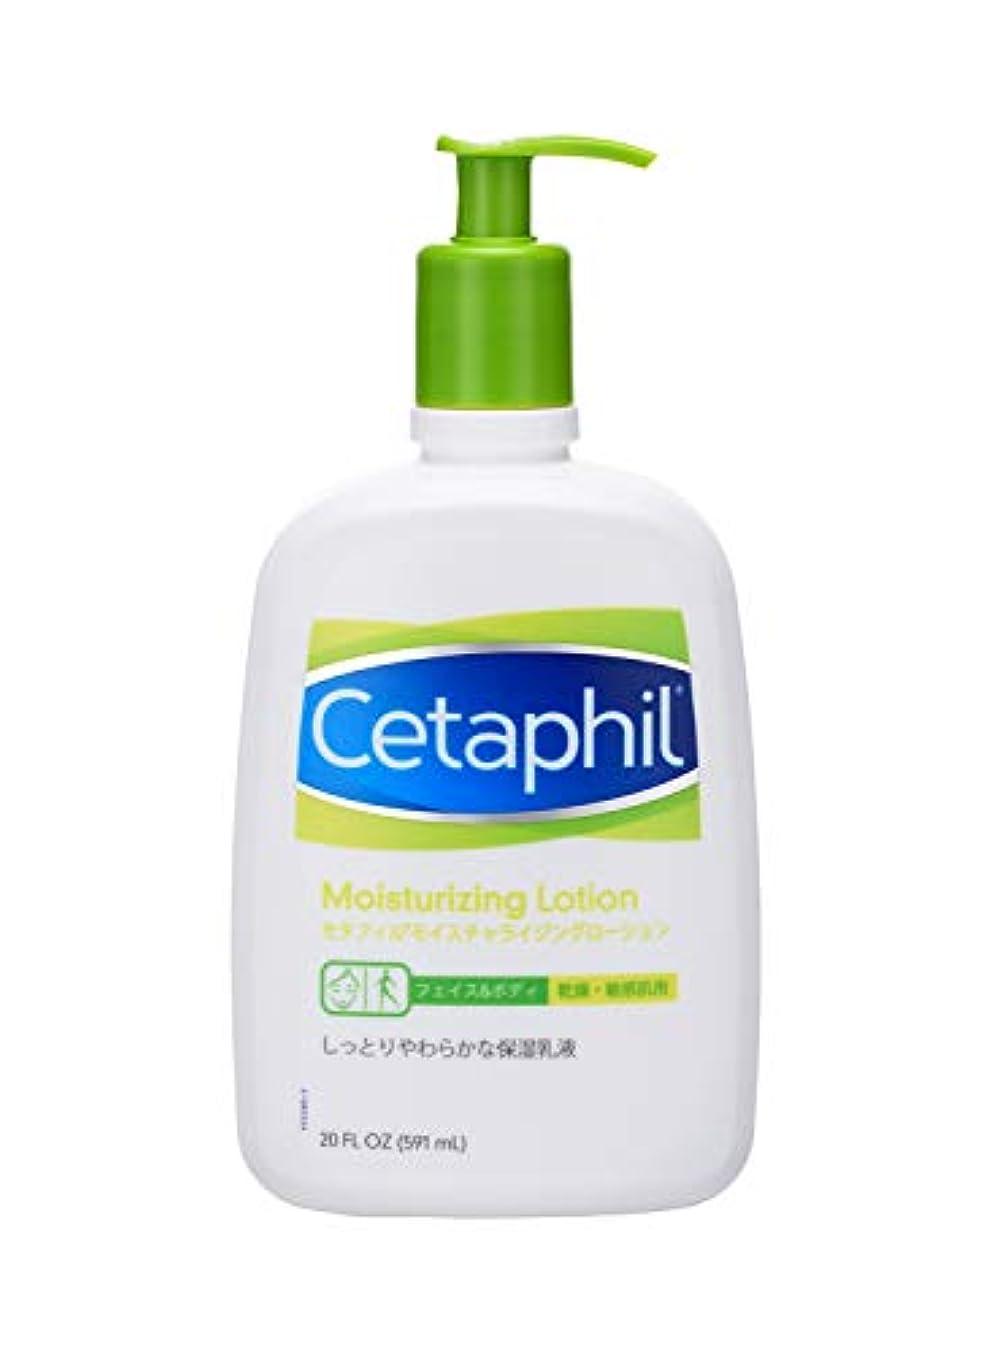 フォアタイプタバコヤングセタフィル Cetaphil ® モイスチャライジングローション 591ml ( フェイス & ボディ 保湿乳液 ローション )